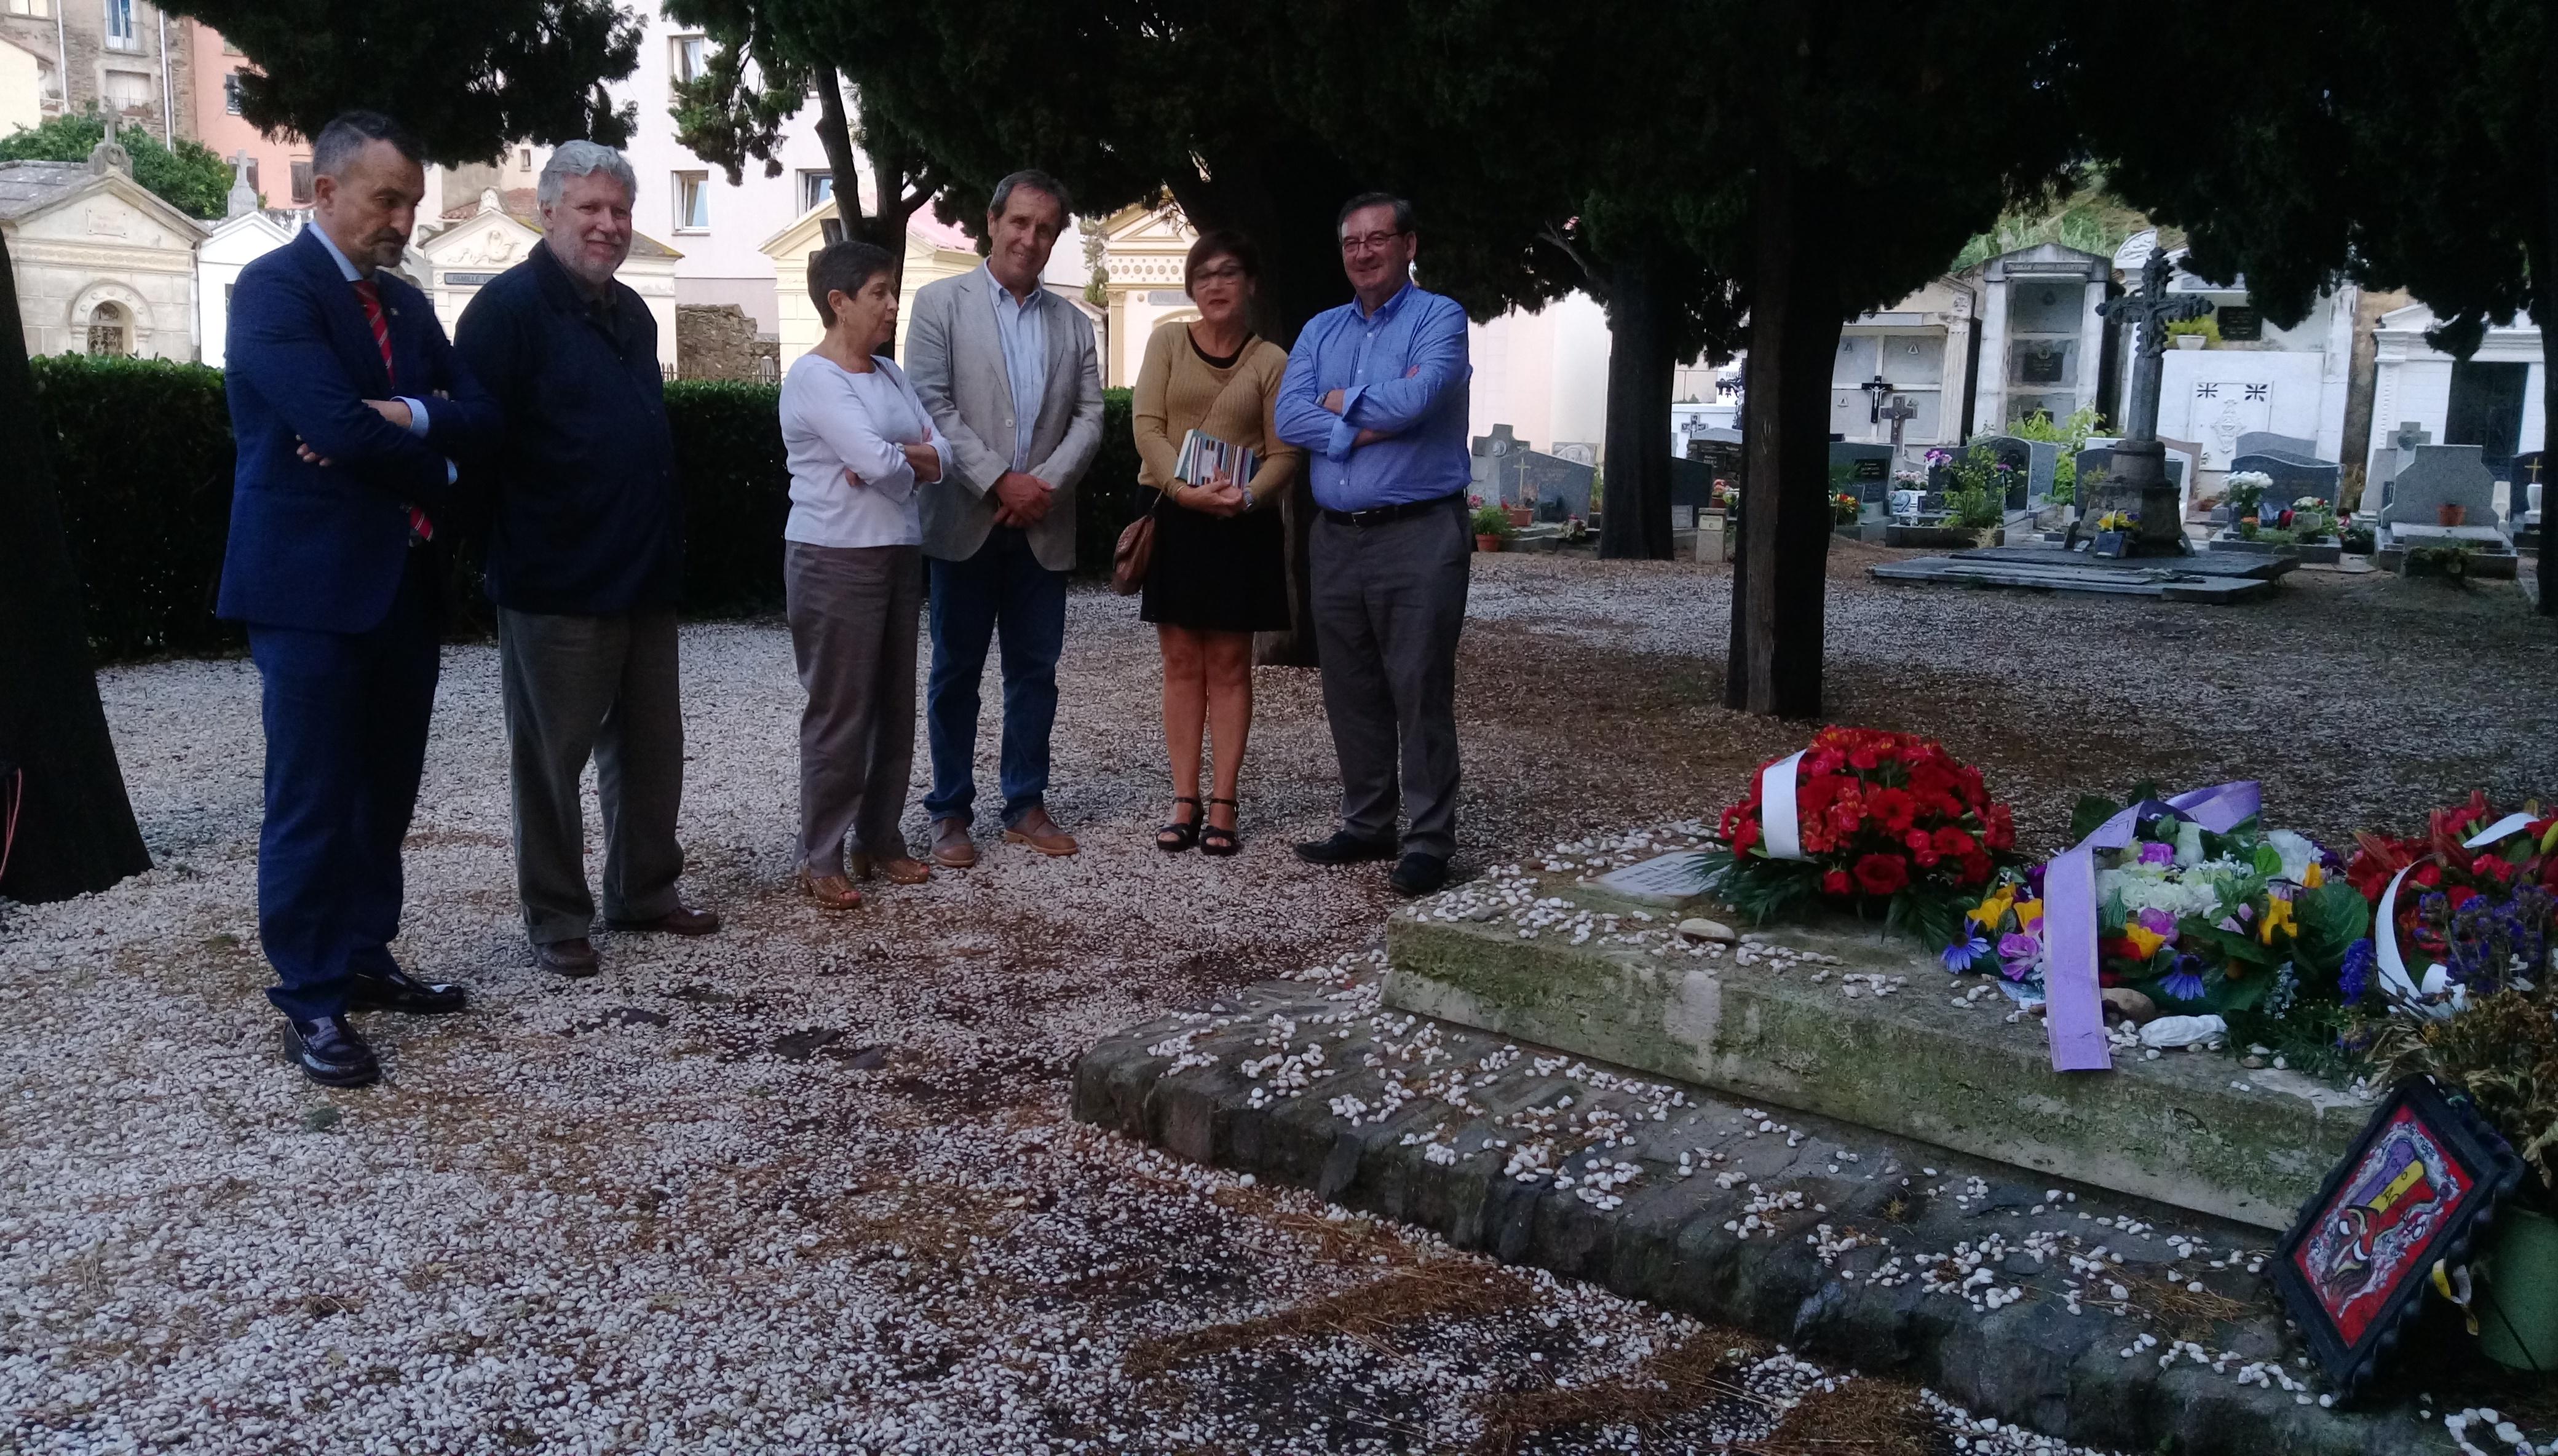 Visites sur la tombe d'Antonio Machado